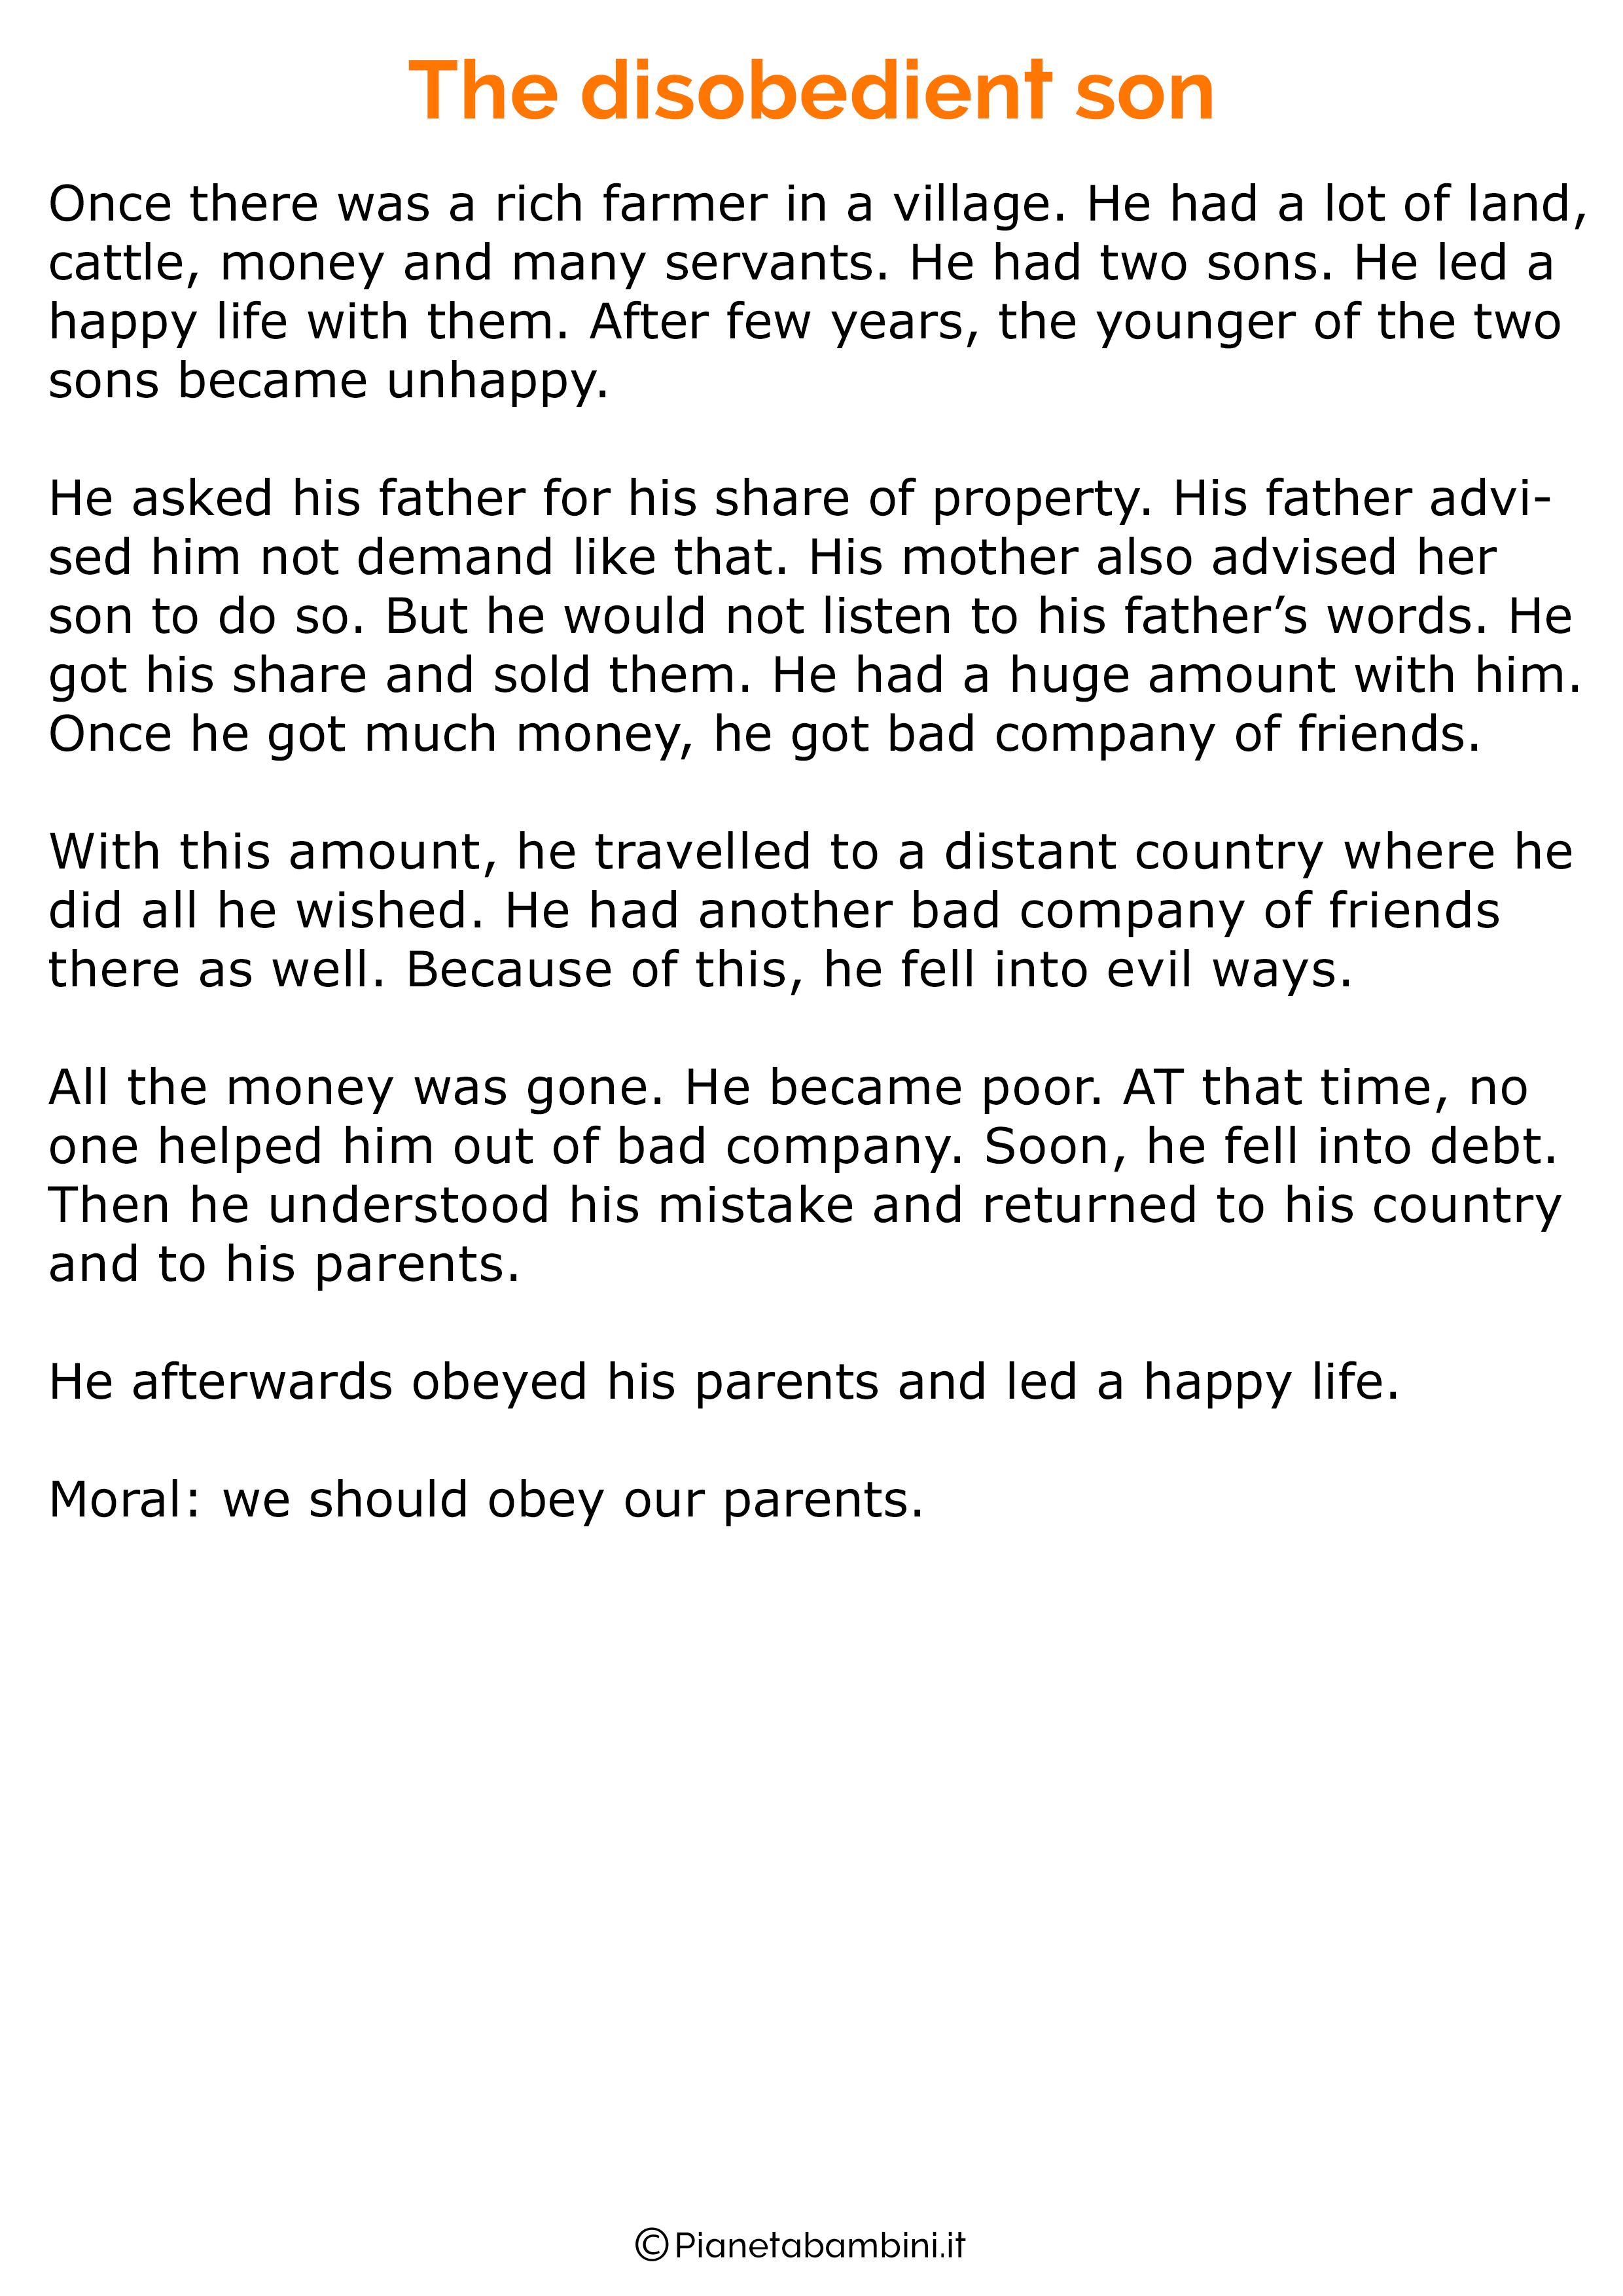 Racconto in inglese con la morale 12